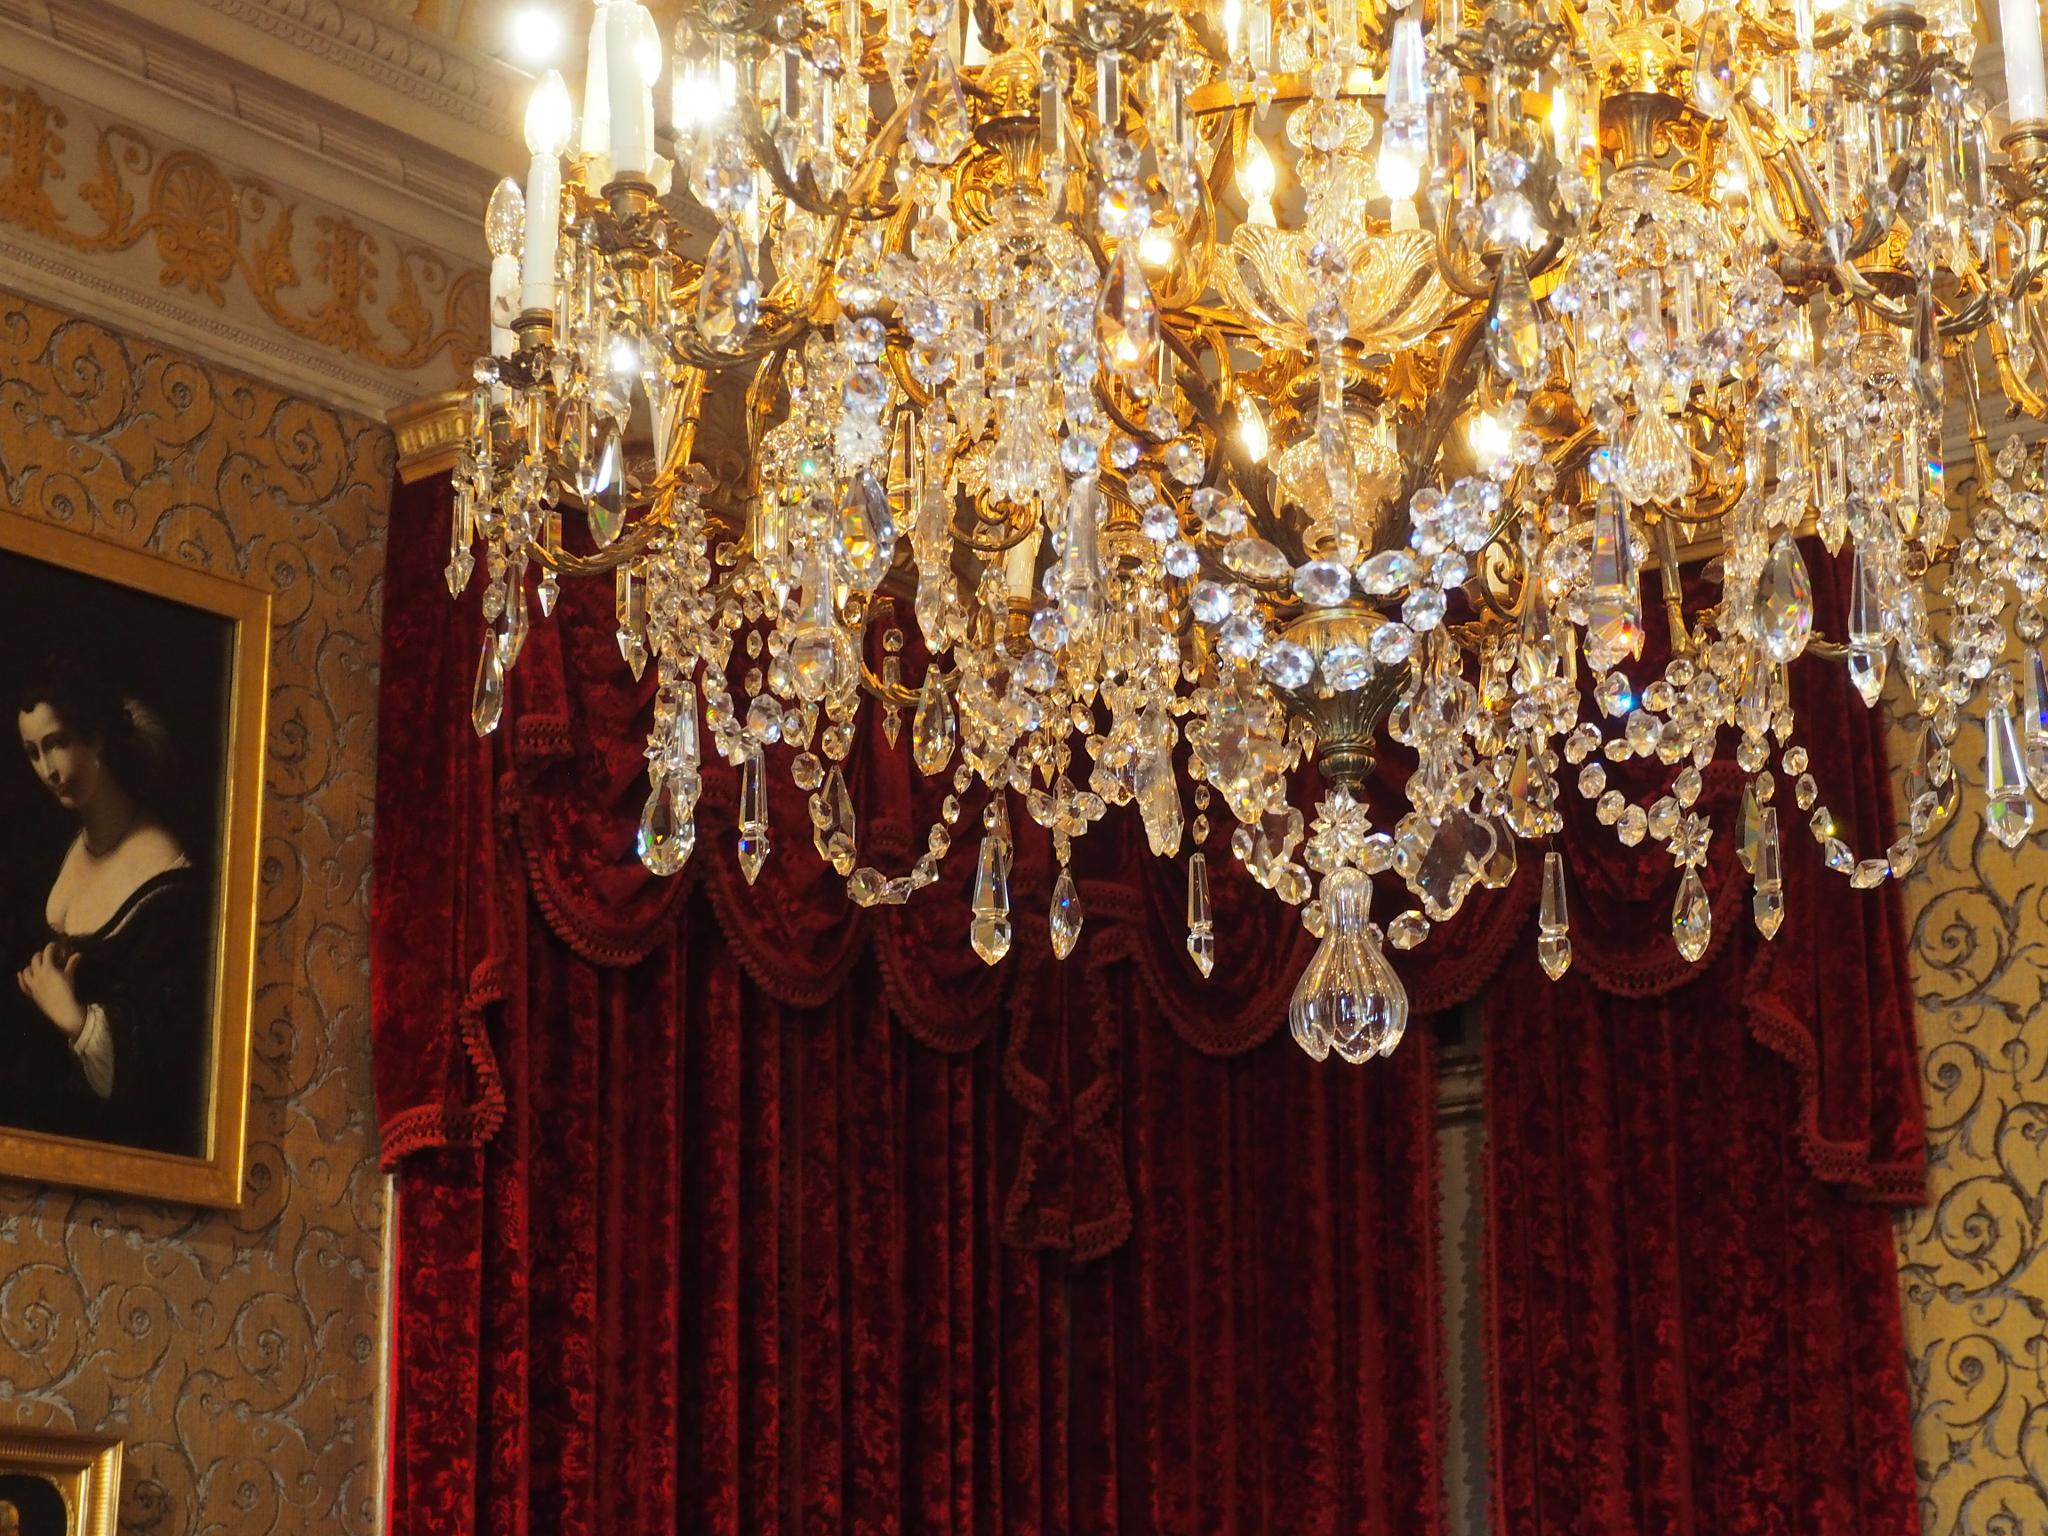 chandelier 1 by isreis64